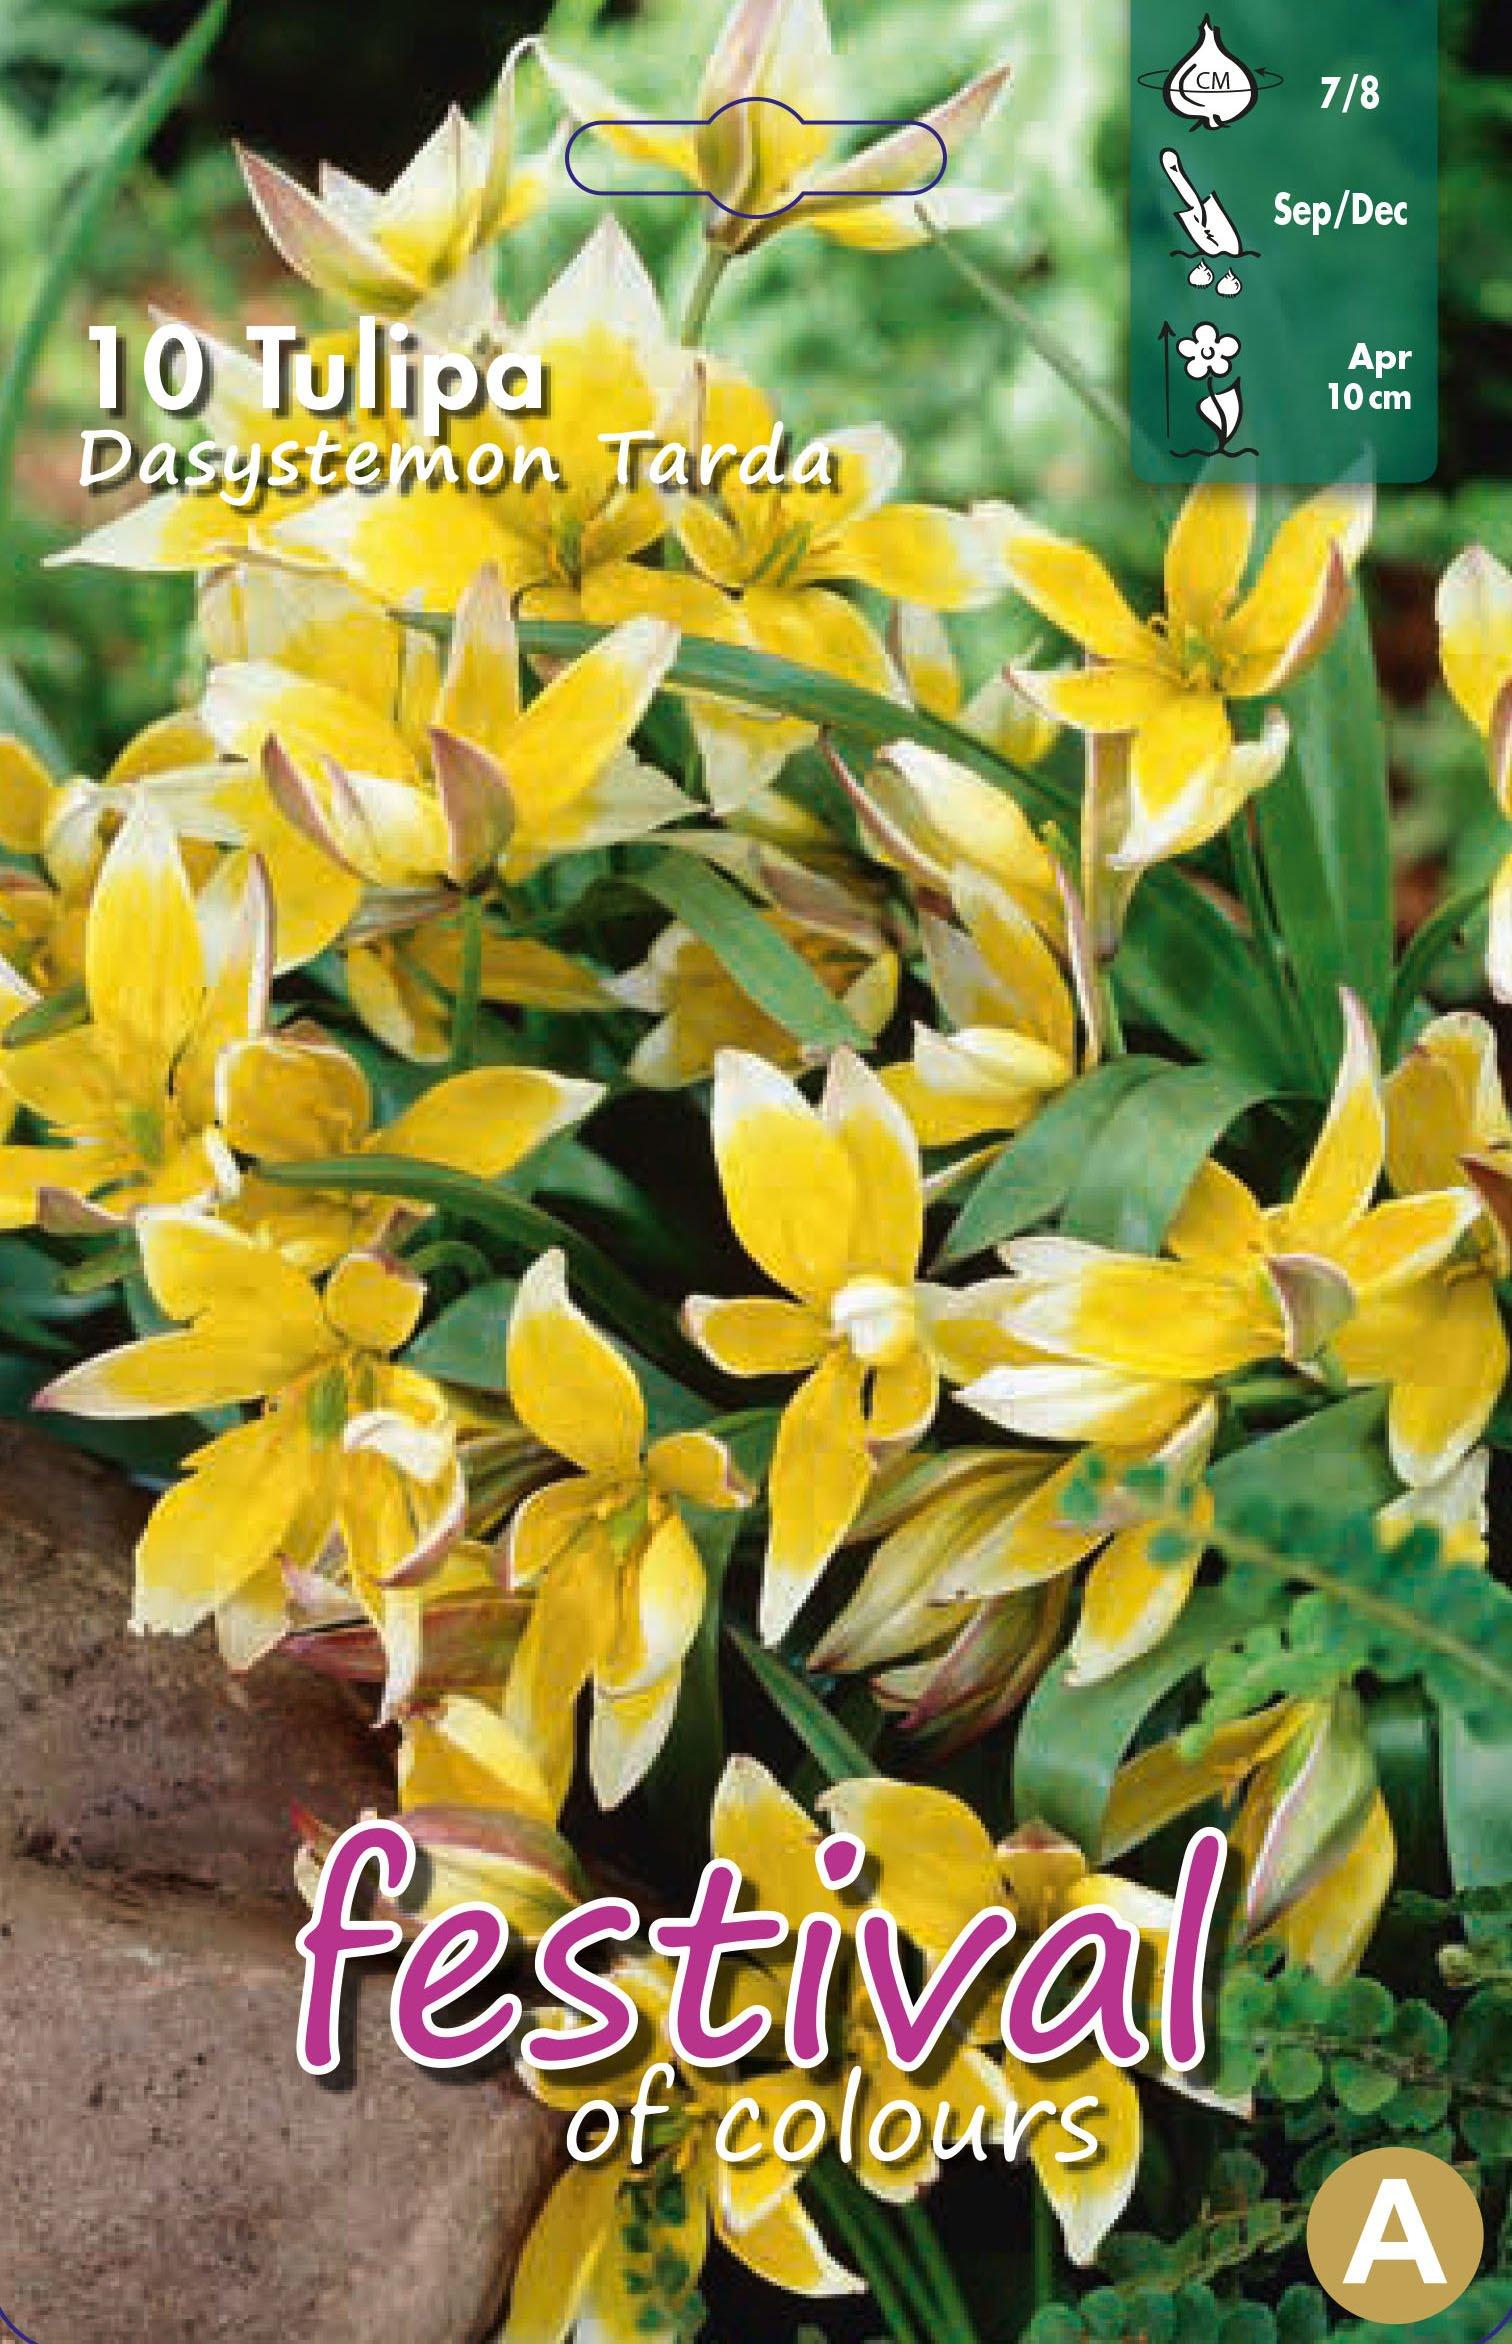 Tulipa Dasystemon Tarda 10 stk